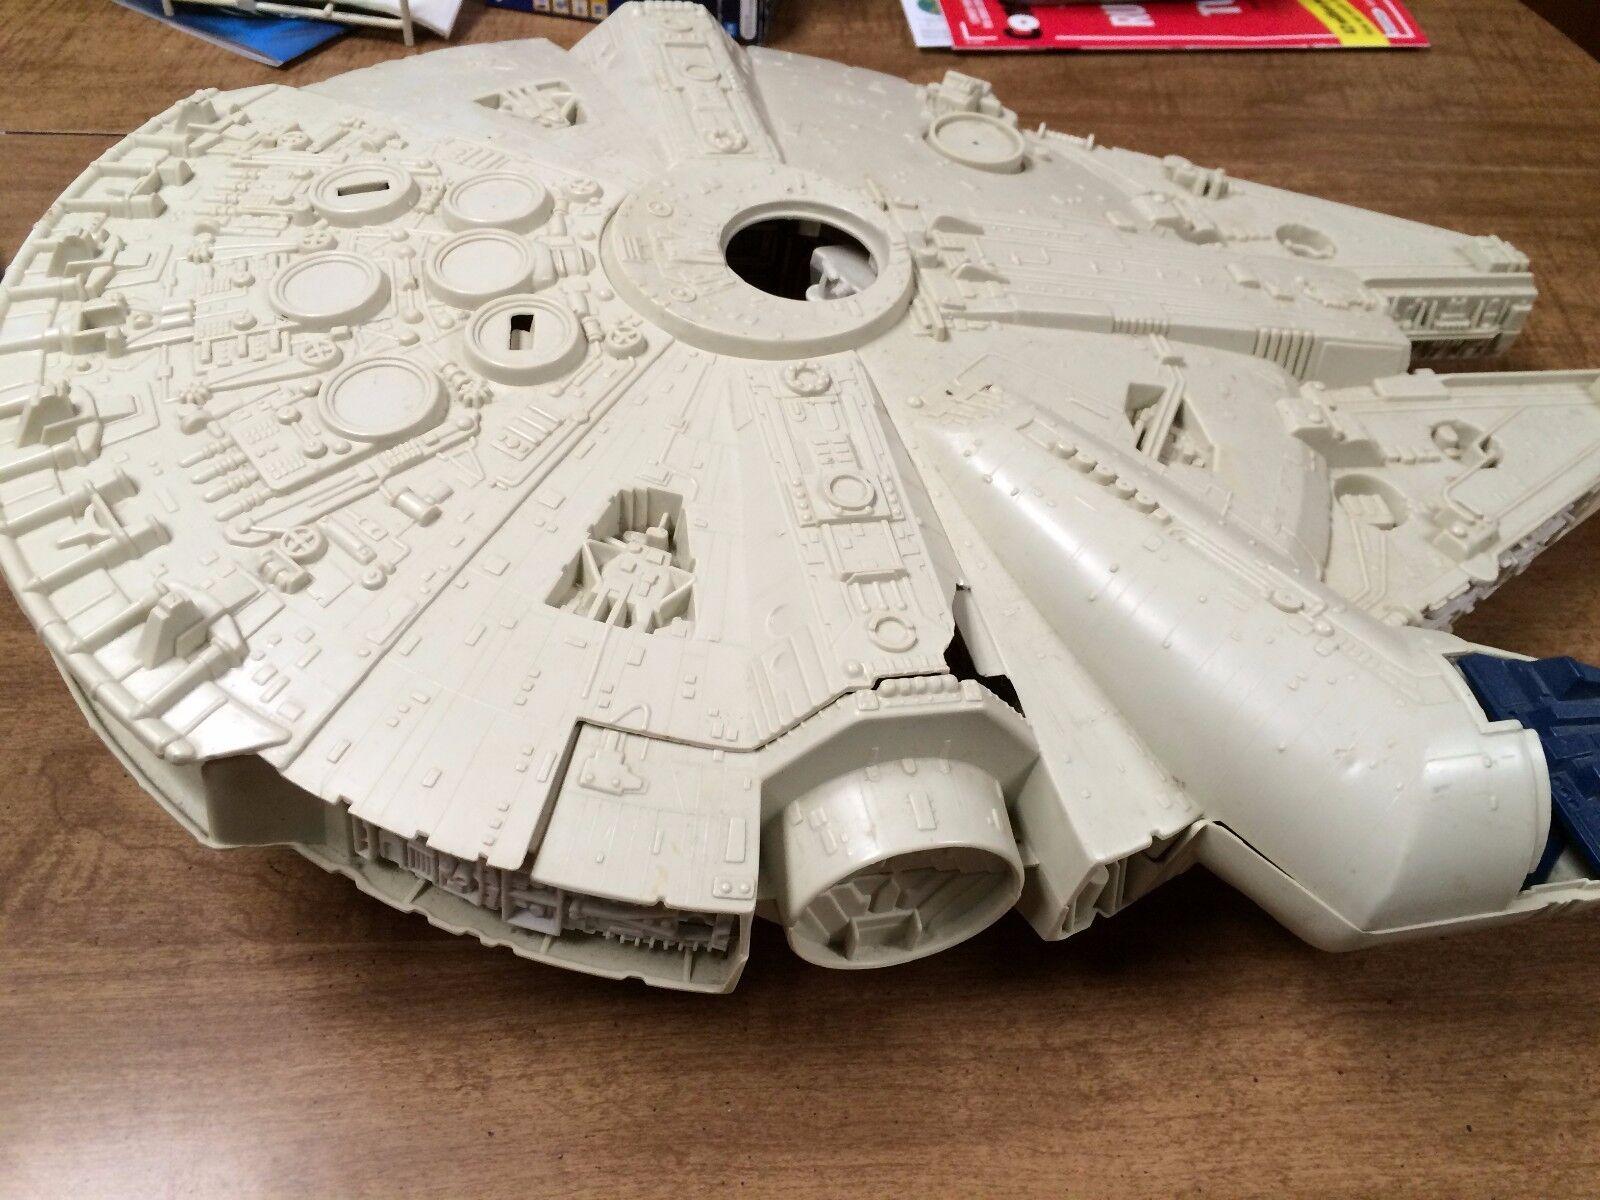 1979 Kenner Millennium Falcon estrella guerras giocattolo spazioship – PartsRestore